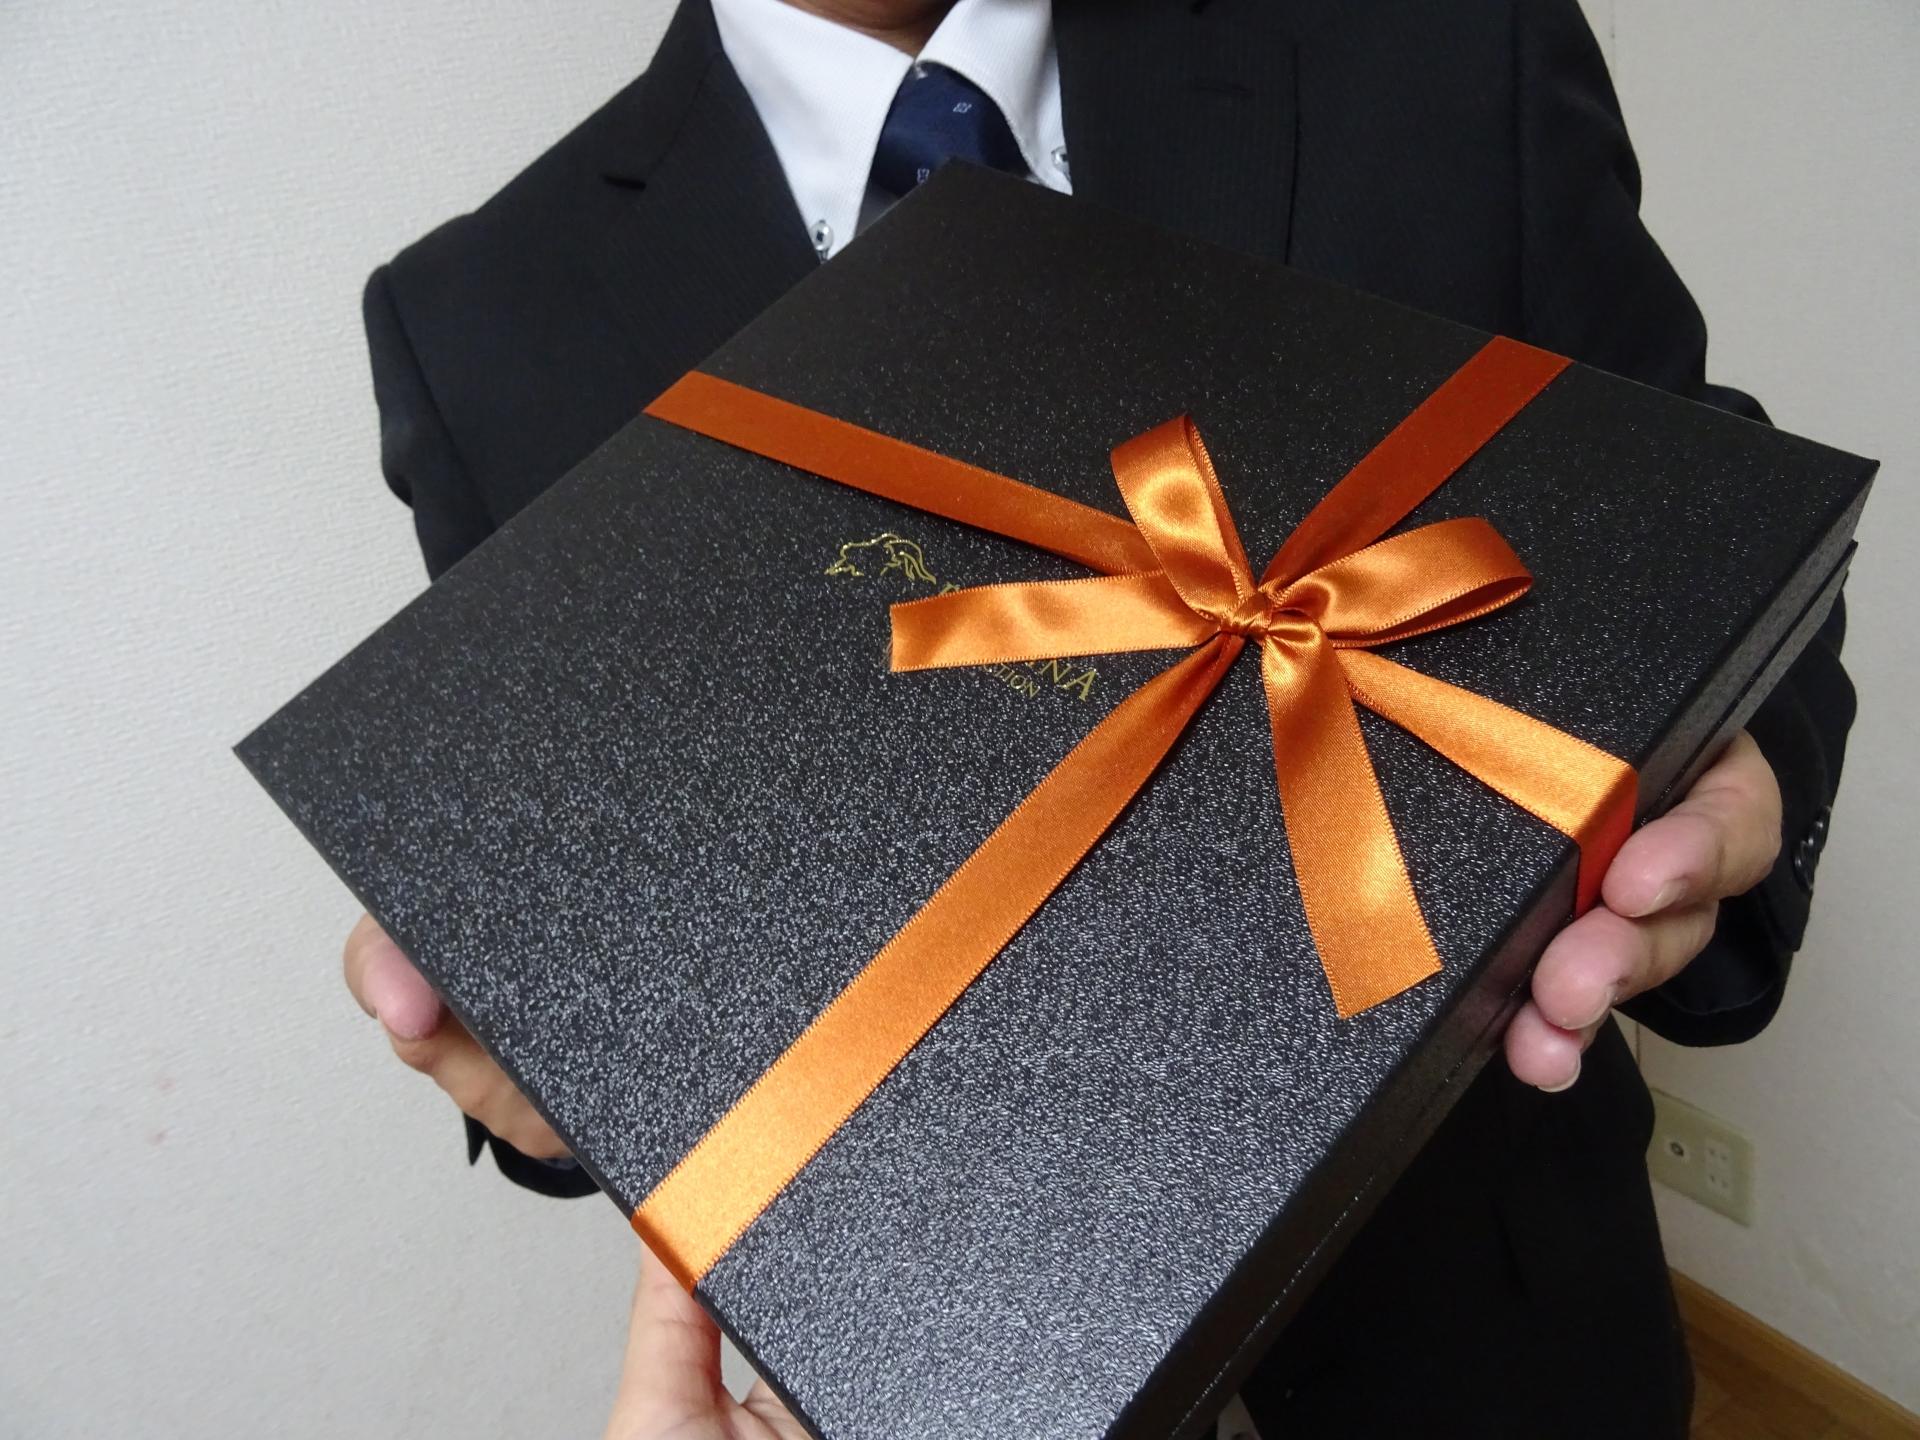 30代彼氏が喜ぶ!予算10000円前後の誕生日プレゼントおすすめ2選